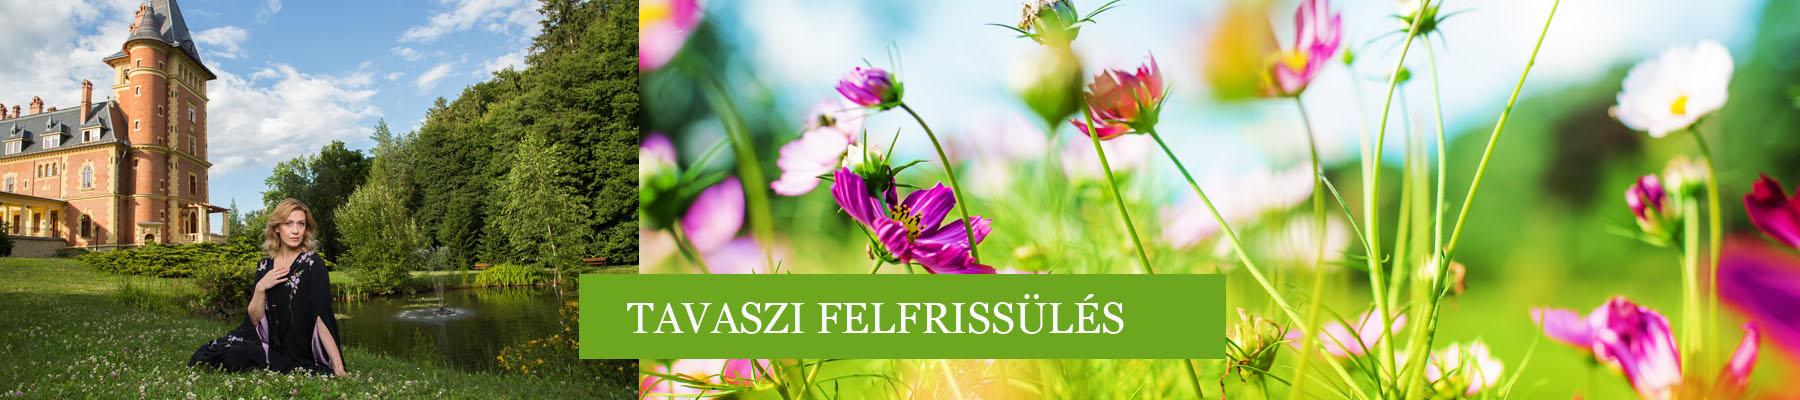 tavasz_2019_kastely_itthon-1